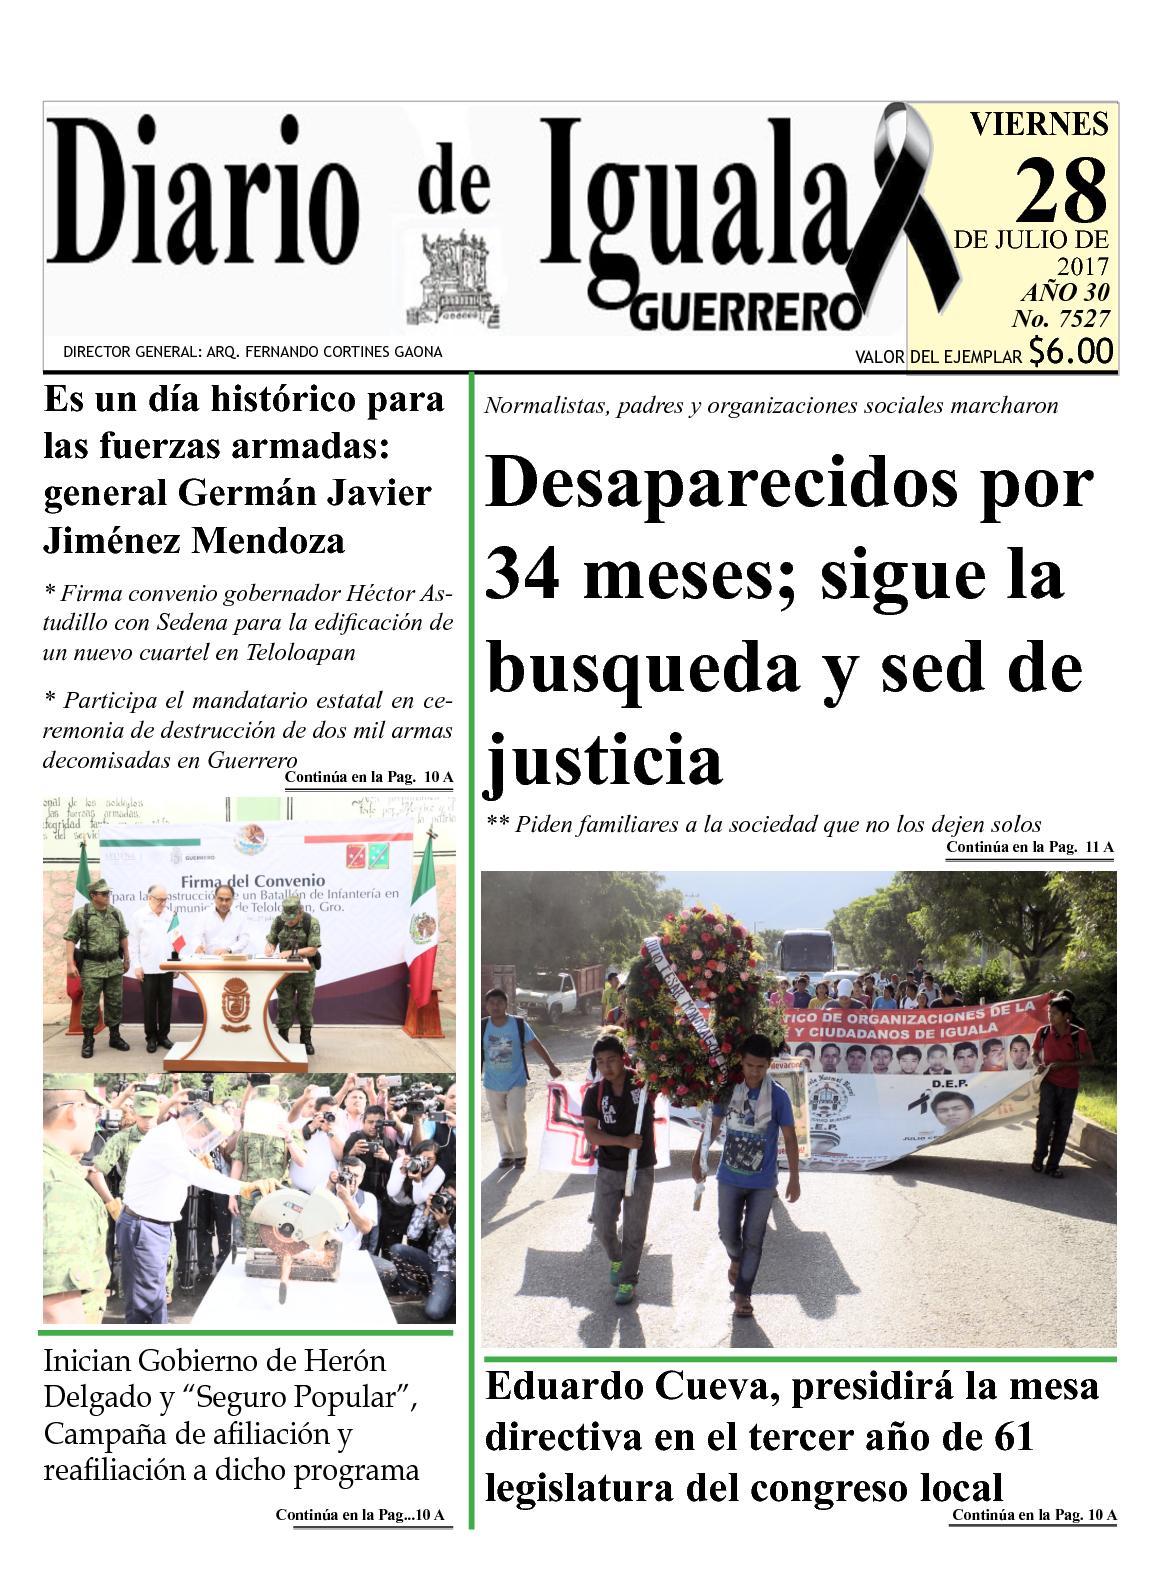 Diario De Iguala Viernes 28 De Julio De 2017